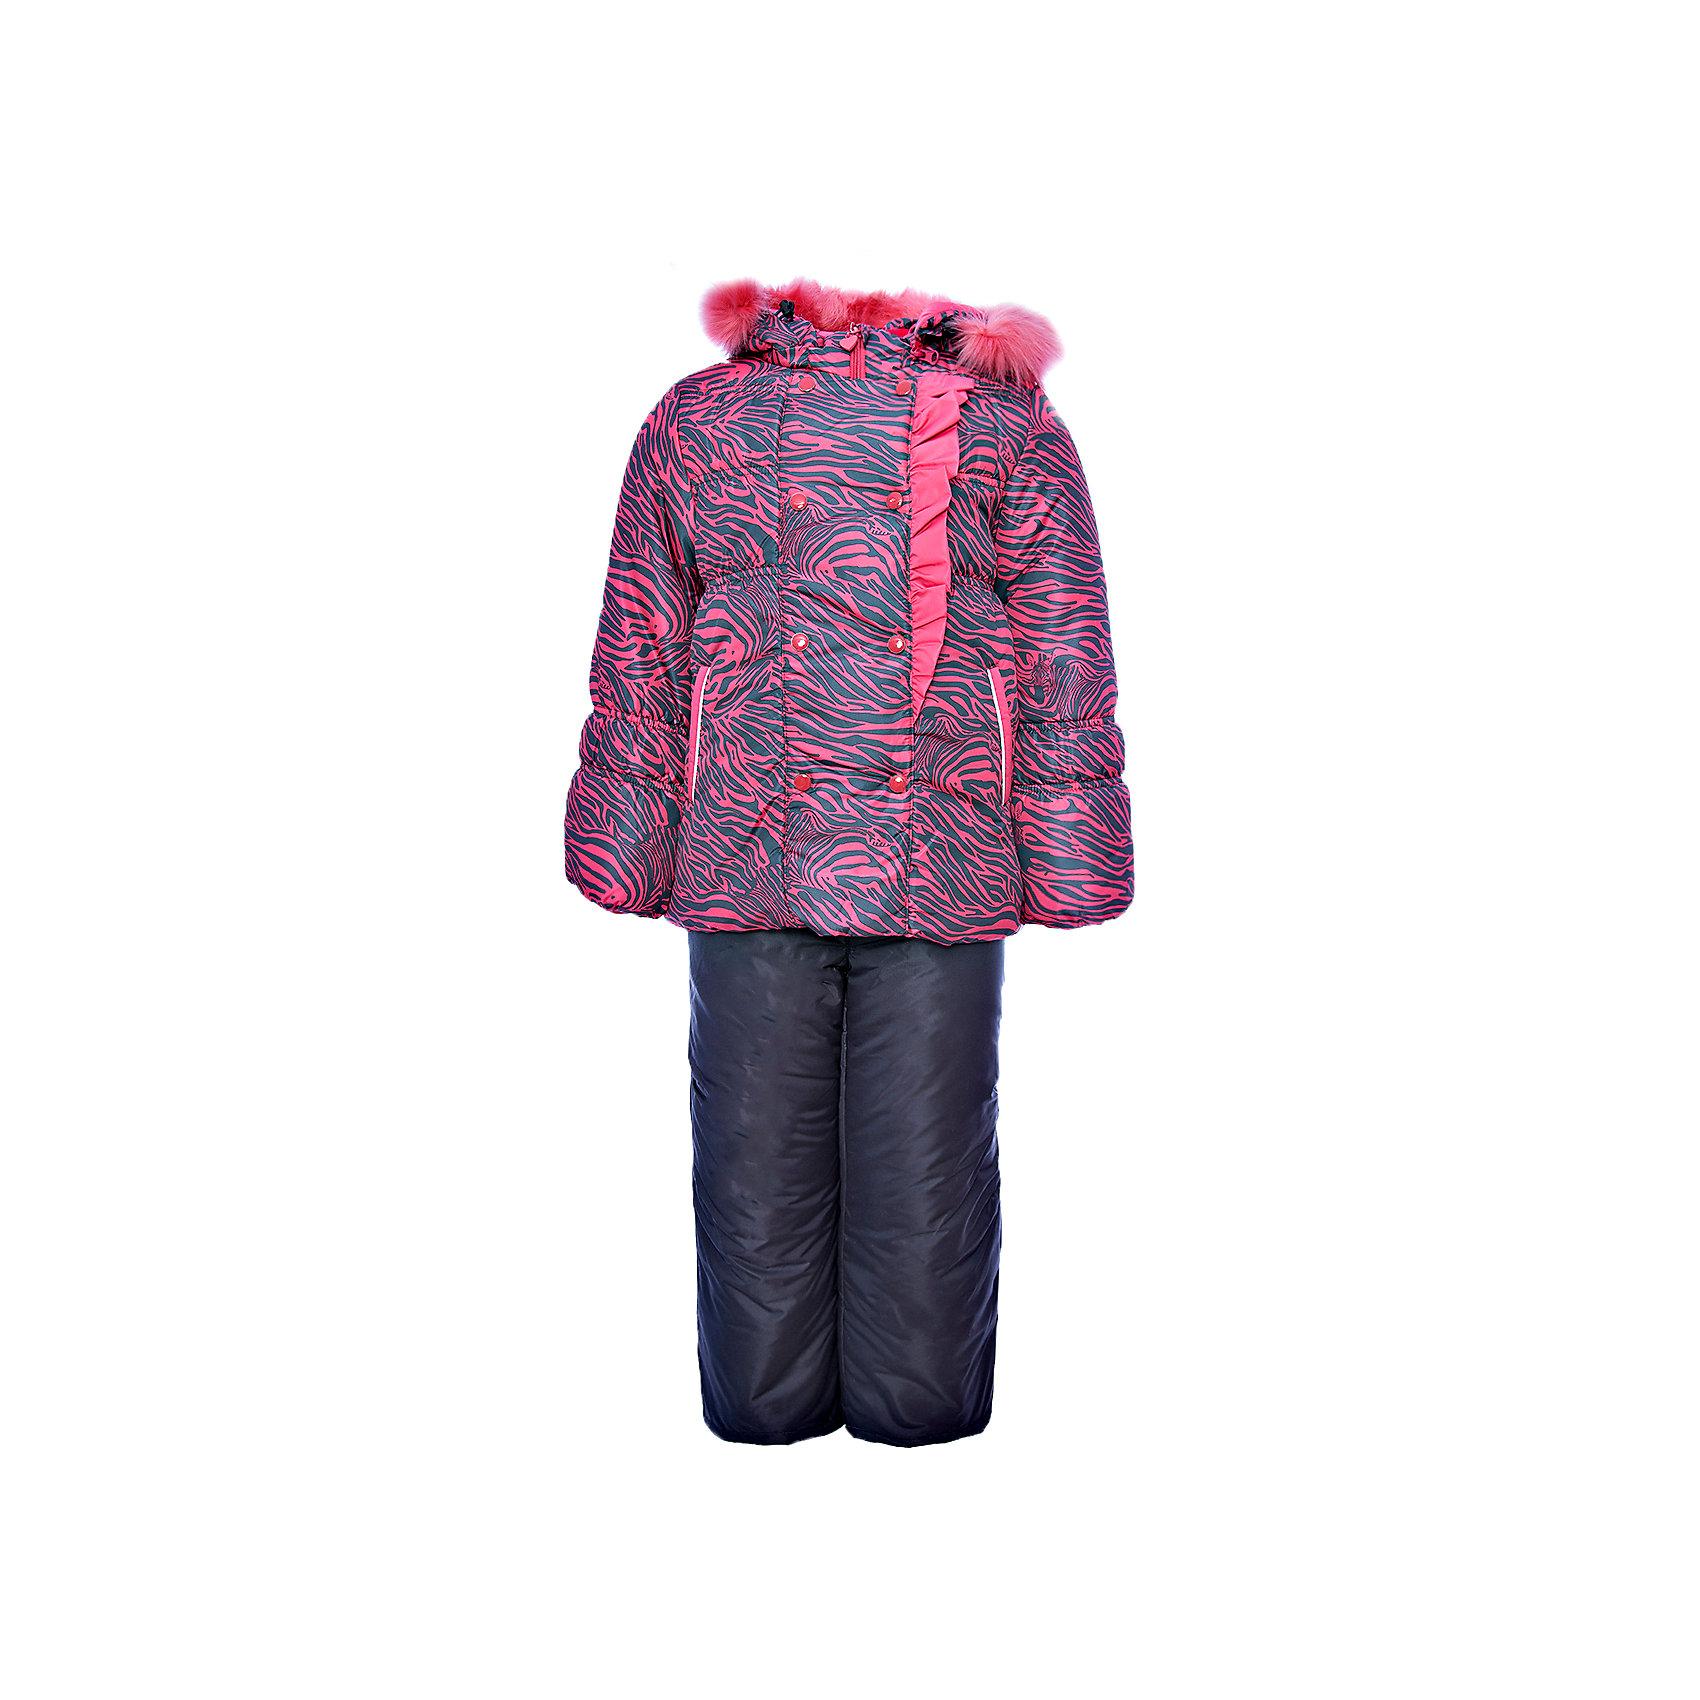 Комплект: куртка и полукомбинезон Берта OLDOS для девочкиВерхняя одежда<br>Характеристики товара:<br><br>• цвет: розовый<br>• комплектация: куртка и полукомбинезон<br>• состав ткани: 100% полиэстер, пропитка Teflon<br>• подкладка: хлопок, полиэстер<br>• утеплитель: Hollofan 250/200 г/м2<br>• подстежка: 60% шерсть, 40% полиэстер<br>• сезон: зима<br>• температурный режим: от -35 до 0<br>• застежка: молния<br>• капюшон: с мехом, съемный<br>• подстежка в комплекте<br>• страна бренда: Россия<br>• страна изготовитель: Россия<br><br>Обеспечить ребенку тепло и комфорт в мороз поможет такой теплый костюм для девочки. Этот зимний комплект состоит из куртки и удобного полукомбинезона. Подкладка зимнего комплекта комбинированная: хлопок и полиэстер. Зимний костюм для девочки дополнен элементами, помогающими скорректировать размер точно под ребенка. <br><br>Комплект: куртка и полукомбинезон Берта Oldos (Олдос) для девочки можно купить в нашем интернет-магазине.<br><br>Ширина мм: 356<br>Глубина мм: 10<br>Высота мм: 245<br>Вес г: 519<br>Цвет: розовый<br>Возраст от месяцев: 60<br>Возраст до месяцев: 72<br>Пол: Женский<br>Возраст: Детский<br>Размер: 116,86,92,98,104,110<br>SKU: 7016897